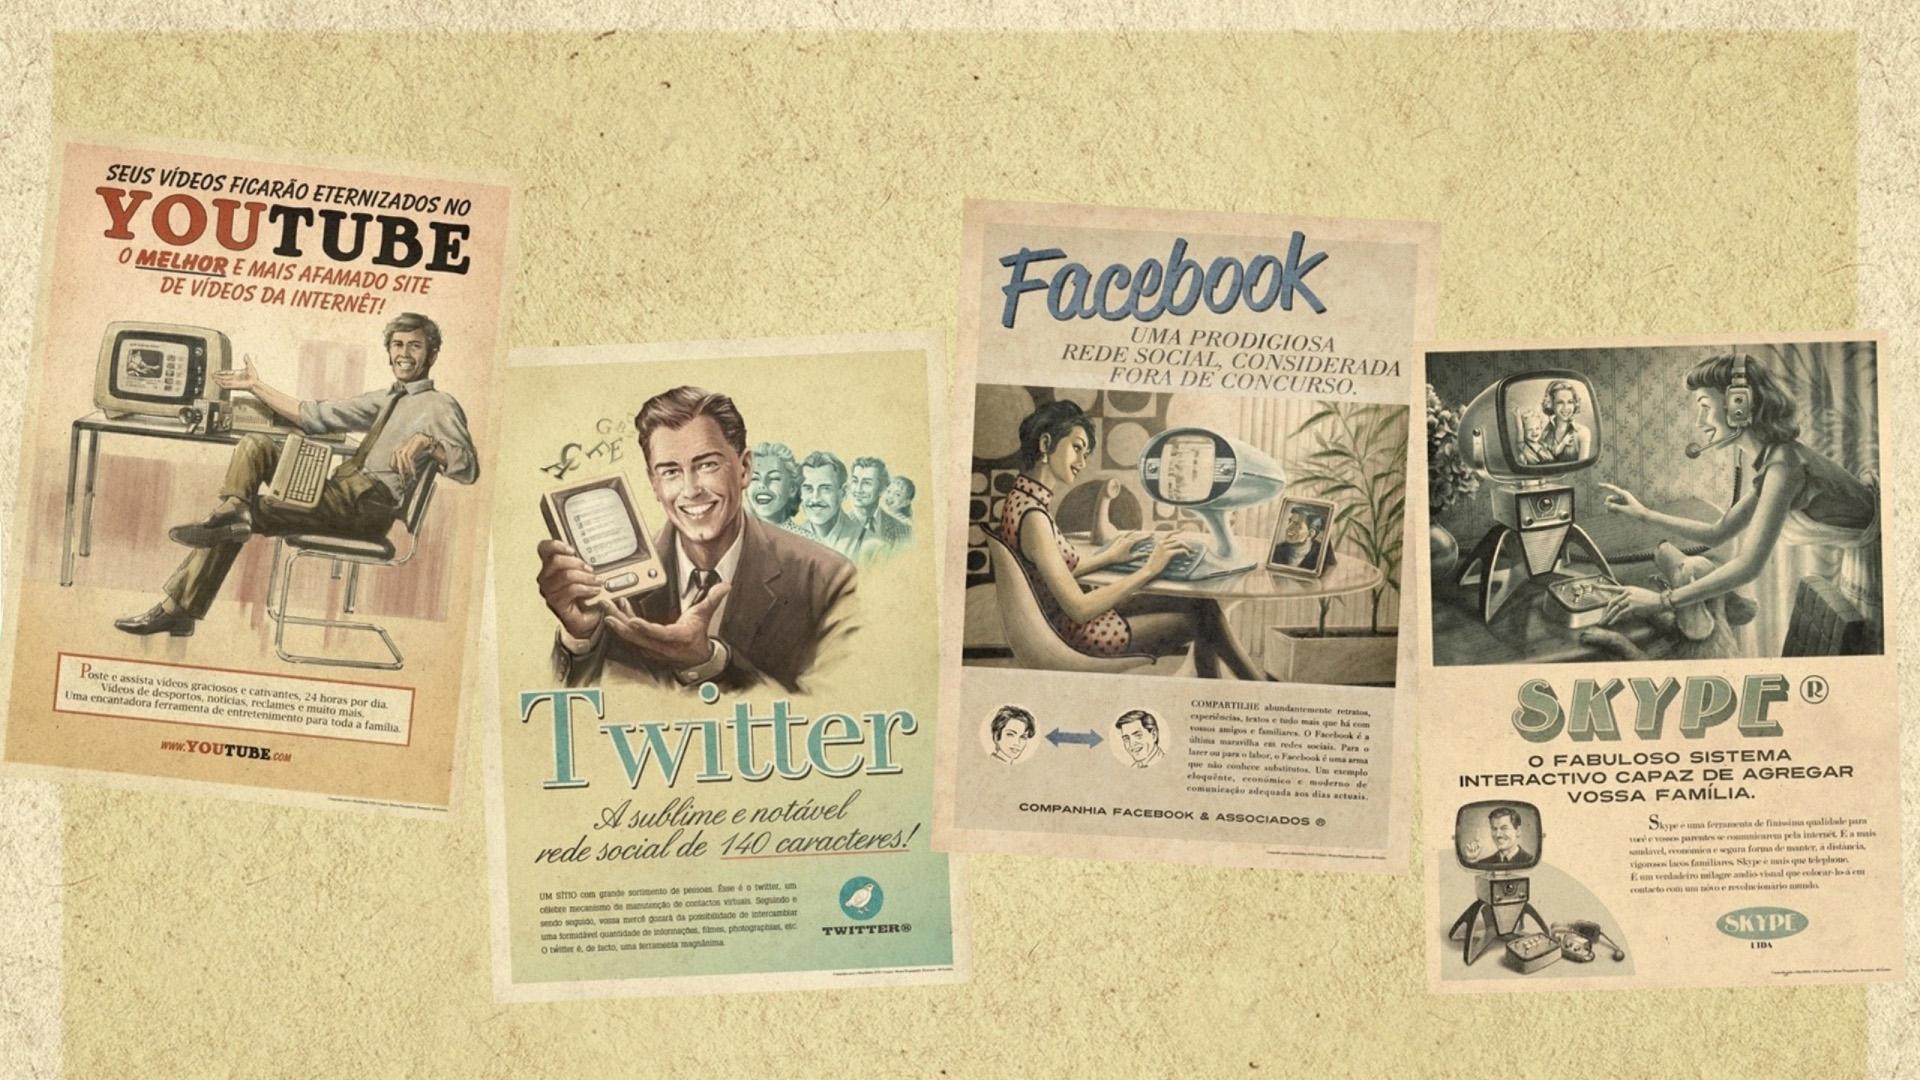 Красивые бренды и логотипы обои на заставку компьютера - подборка №4 2